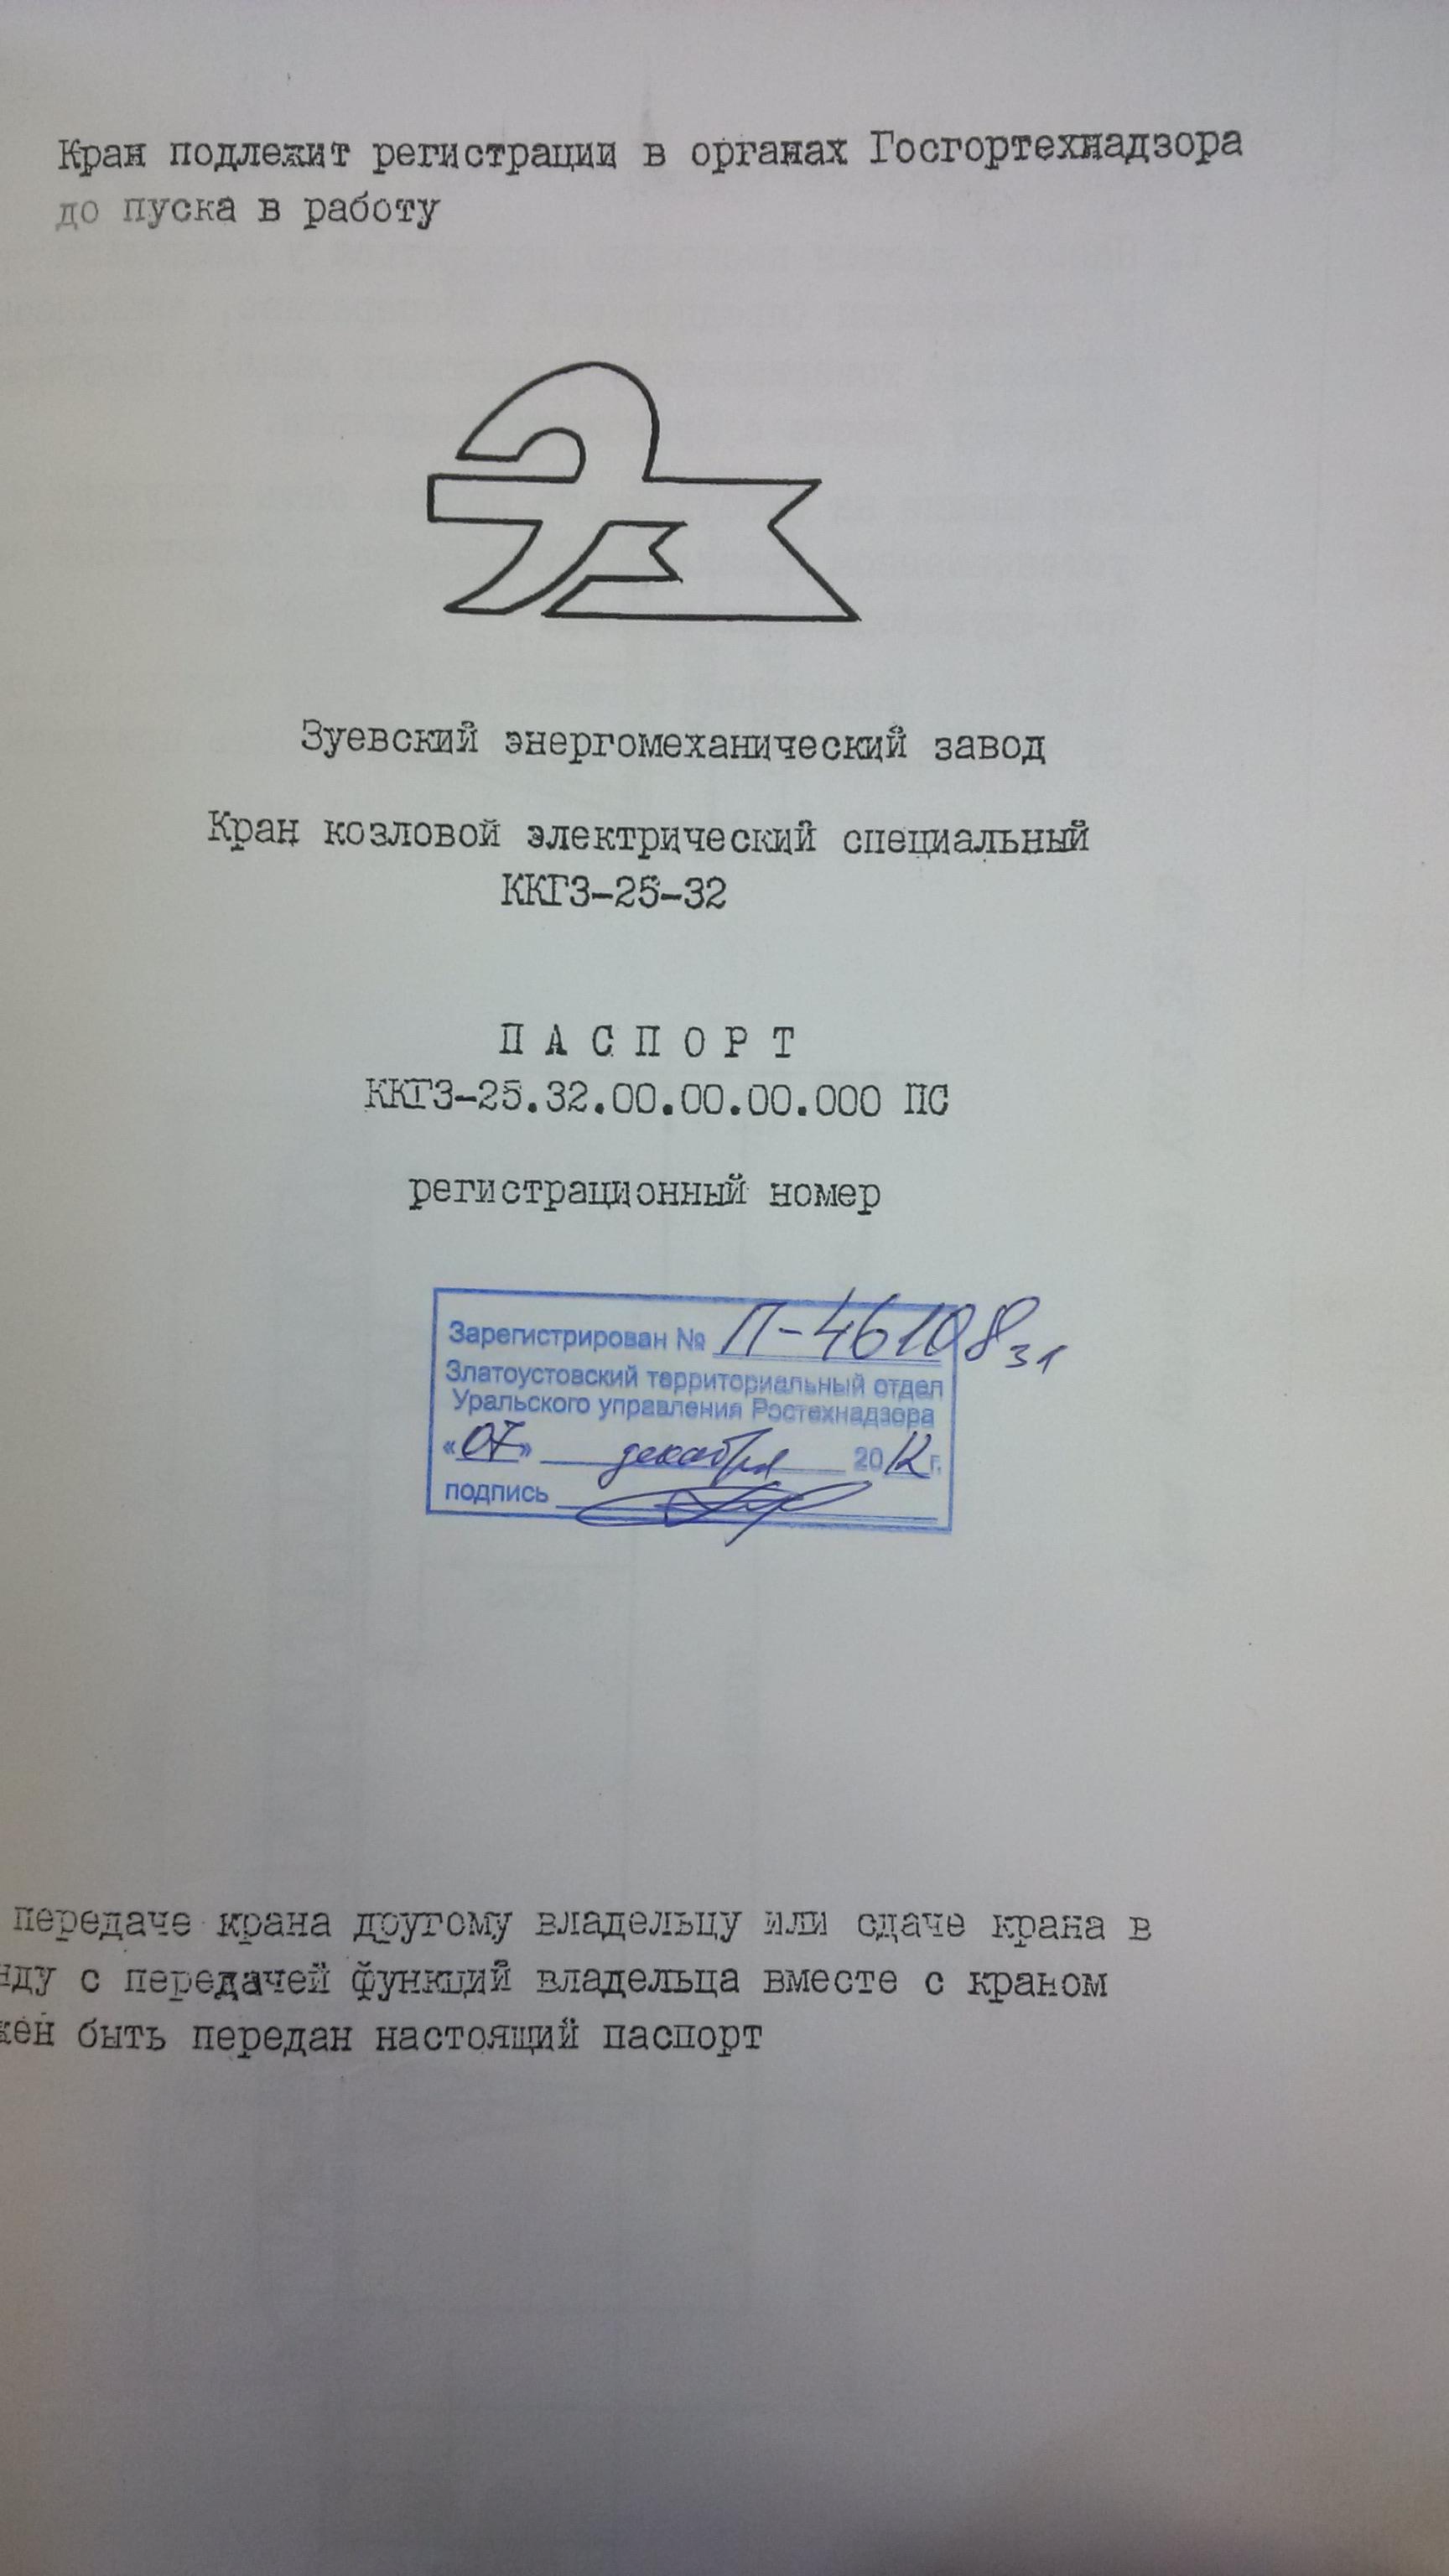 Козловой кран ККГЗ 25-32